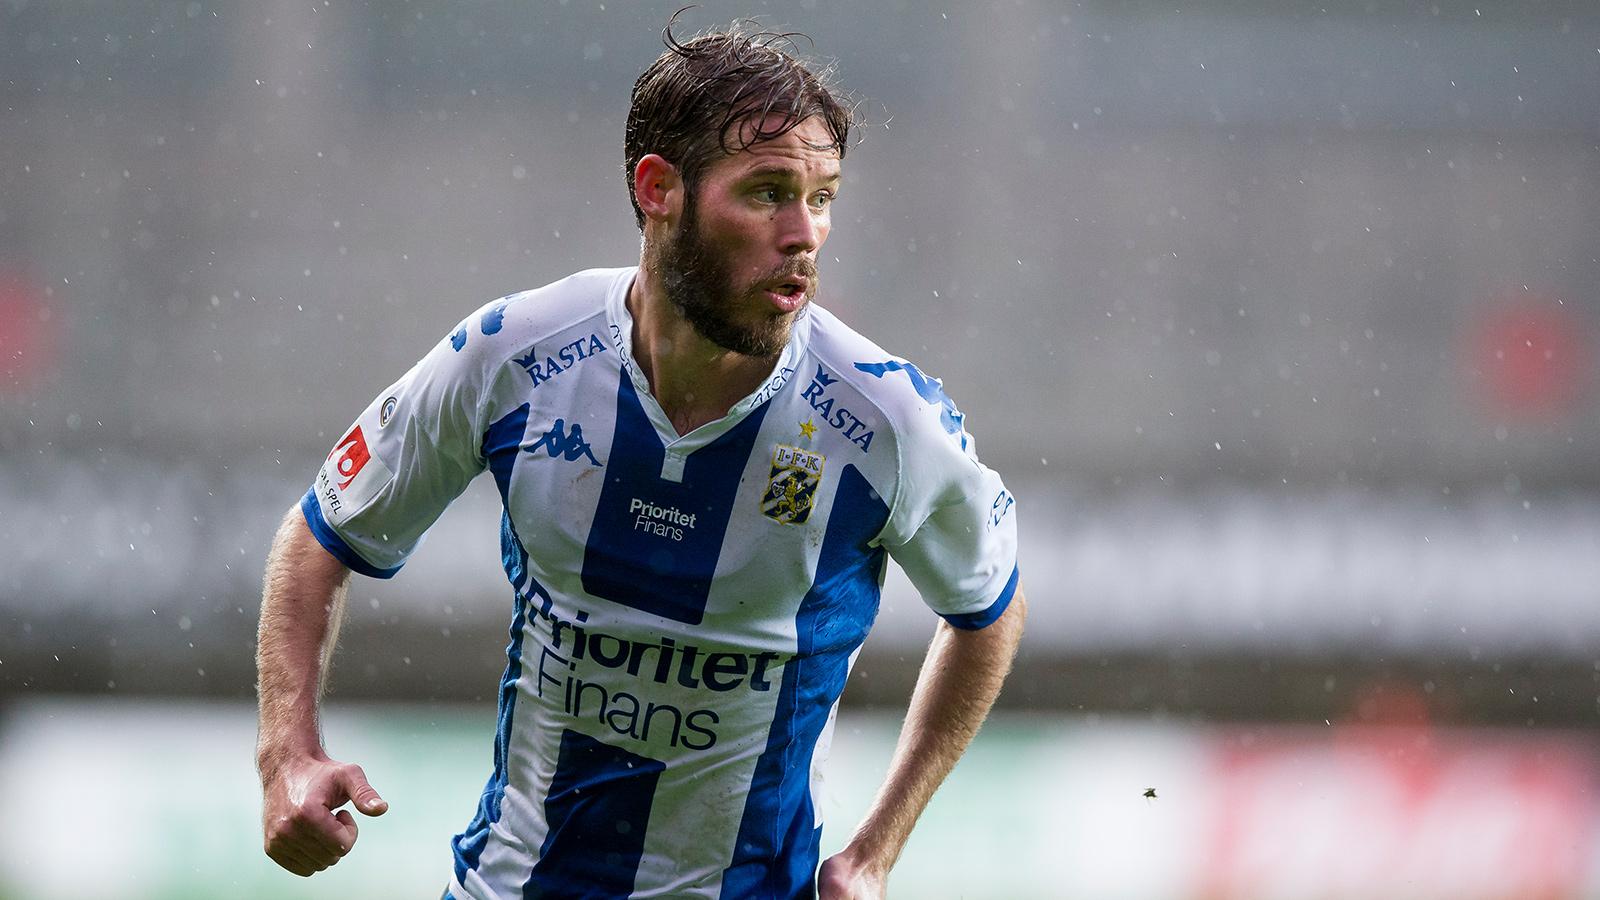 171022 IFK Göteborgs Emil Salomonsson under den allsvenska fotbollsmatchen mellan IFK Göteborg och Östersund den 22 oktober 2017 i Göteborg.